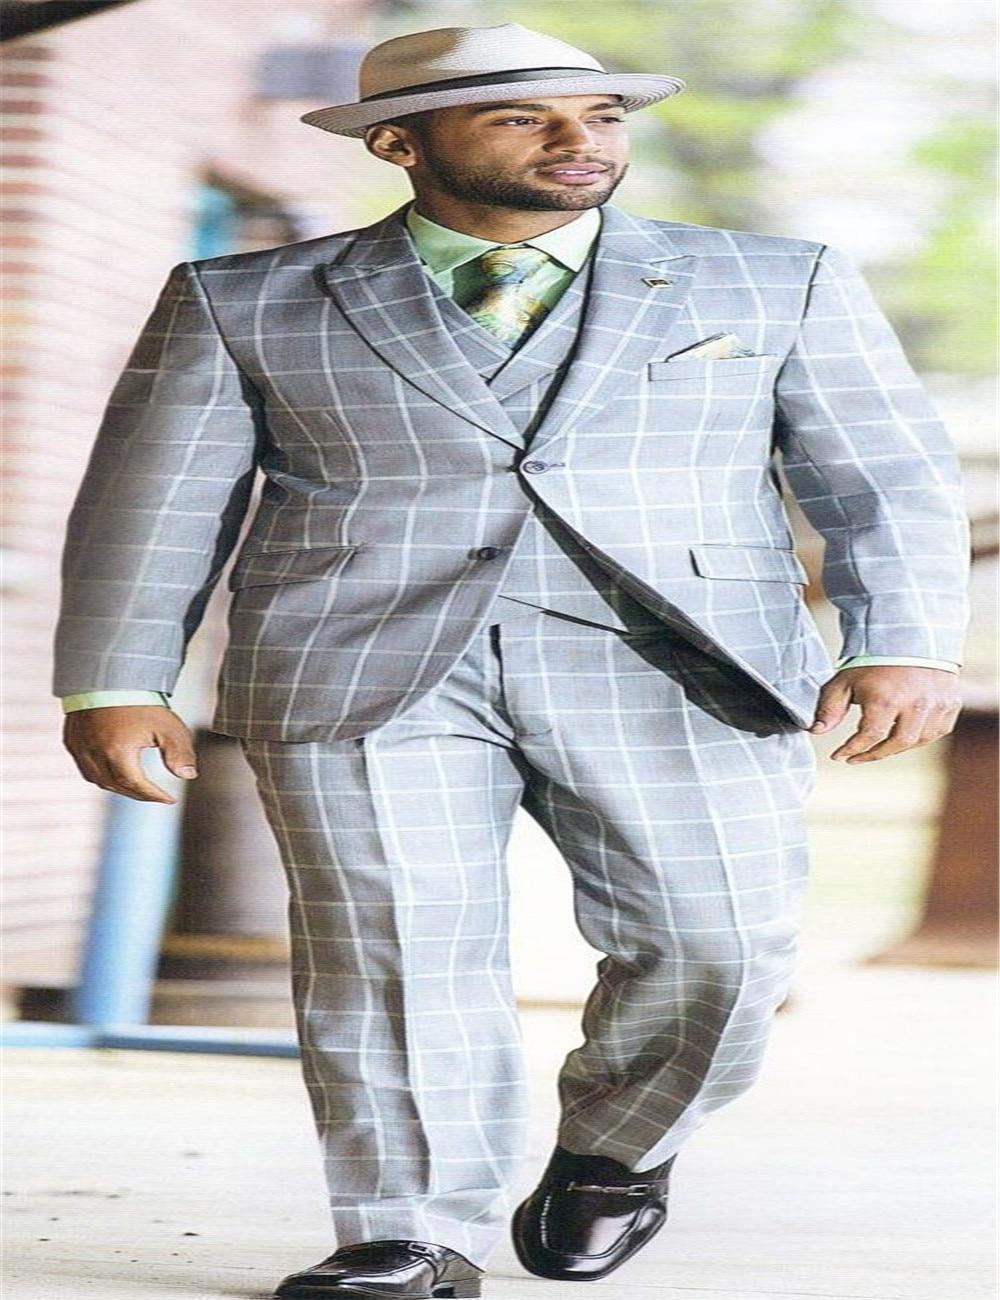 슬림 피트의 신랑 정장 파란 격자 무늬의 두 버튼 남성 웨딩 턱시도 노치 옷깃 패션 클로스 남성 재킷 + 바지 + 조끼